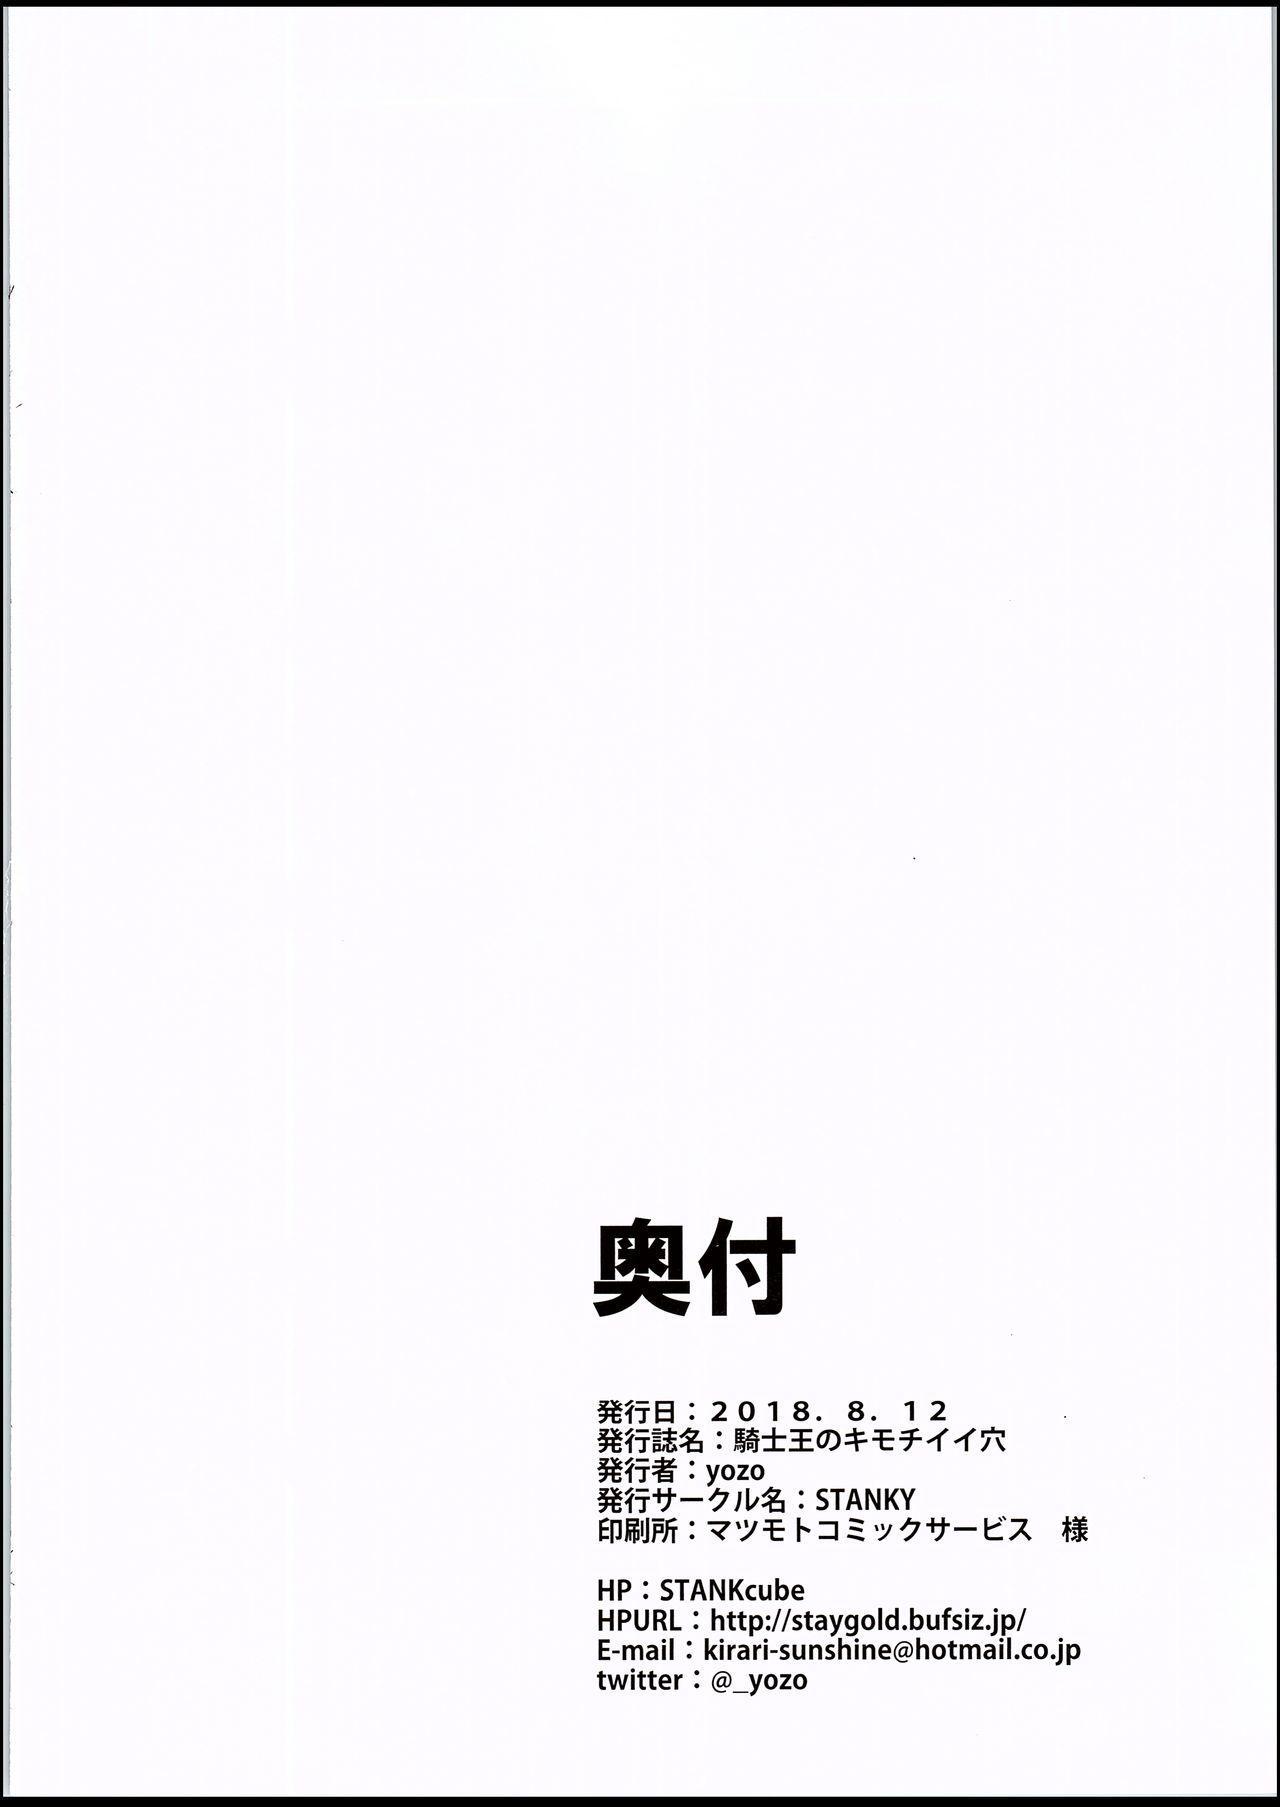 Kishiou no Kimochi Ii Ana 24